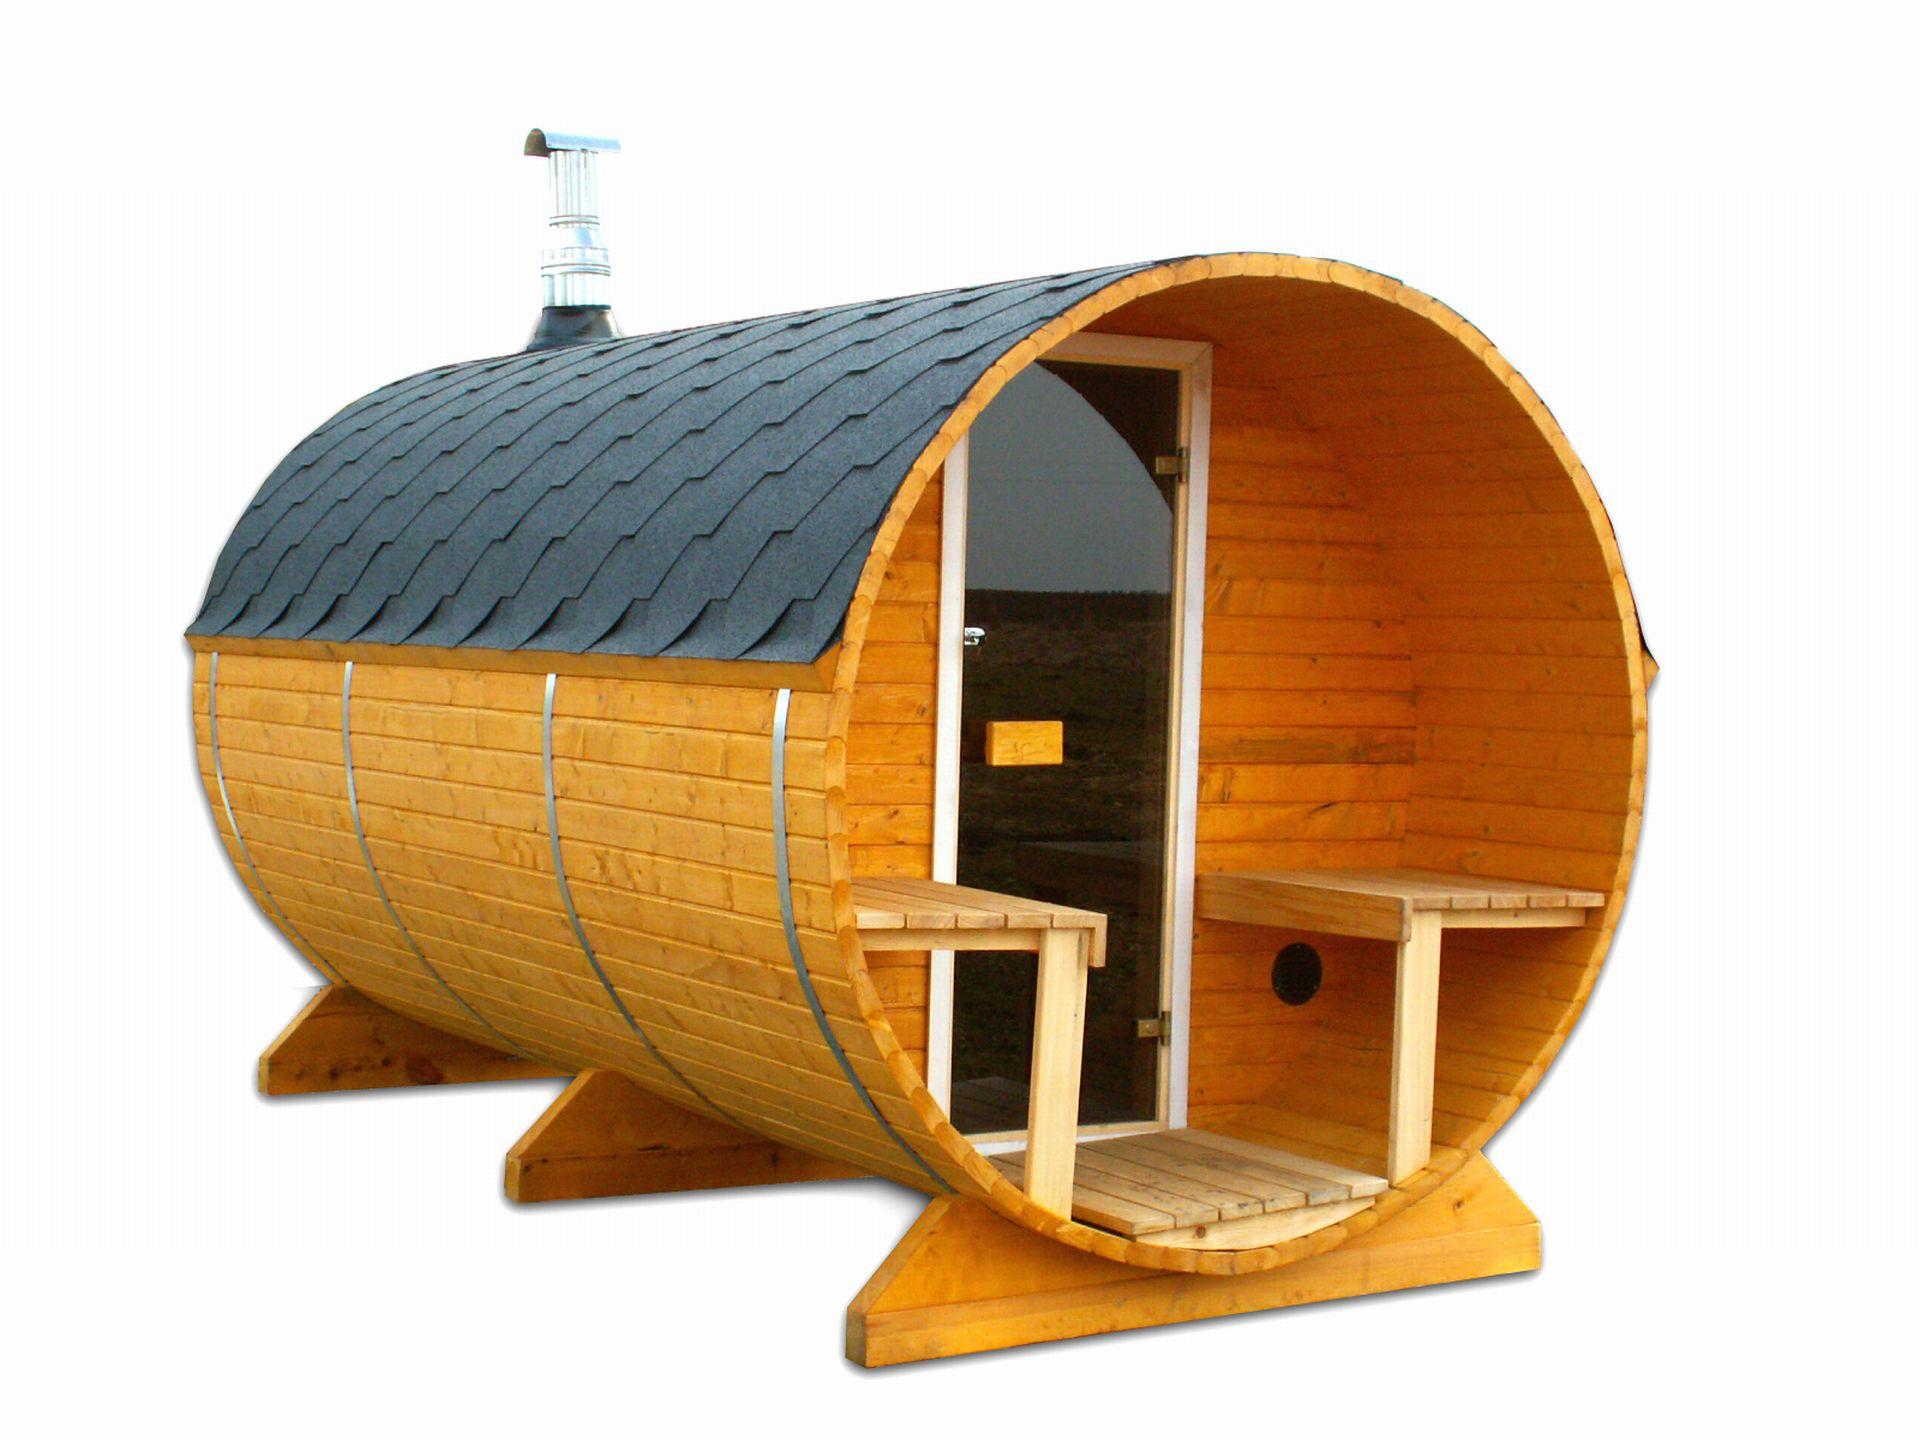 fasssauna bausatz die sauna besteht aus 2 r umen gesamtl nge 450 cm. Black Bedroom Furniture Sets. Home Design Ideas